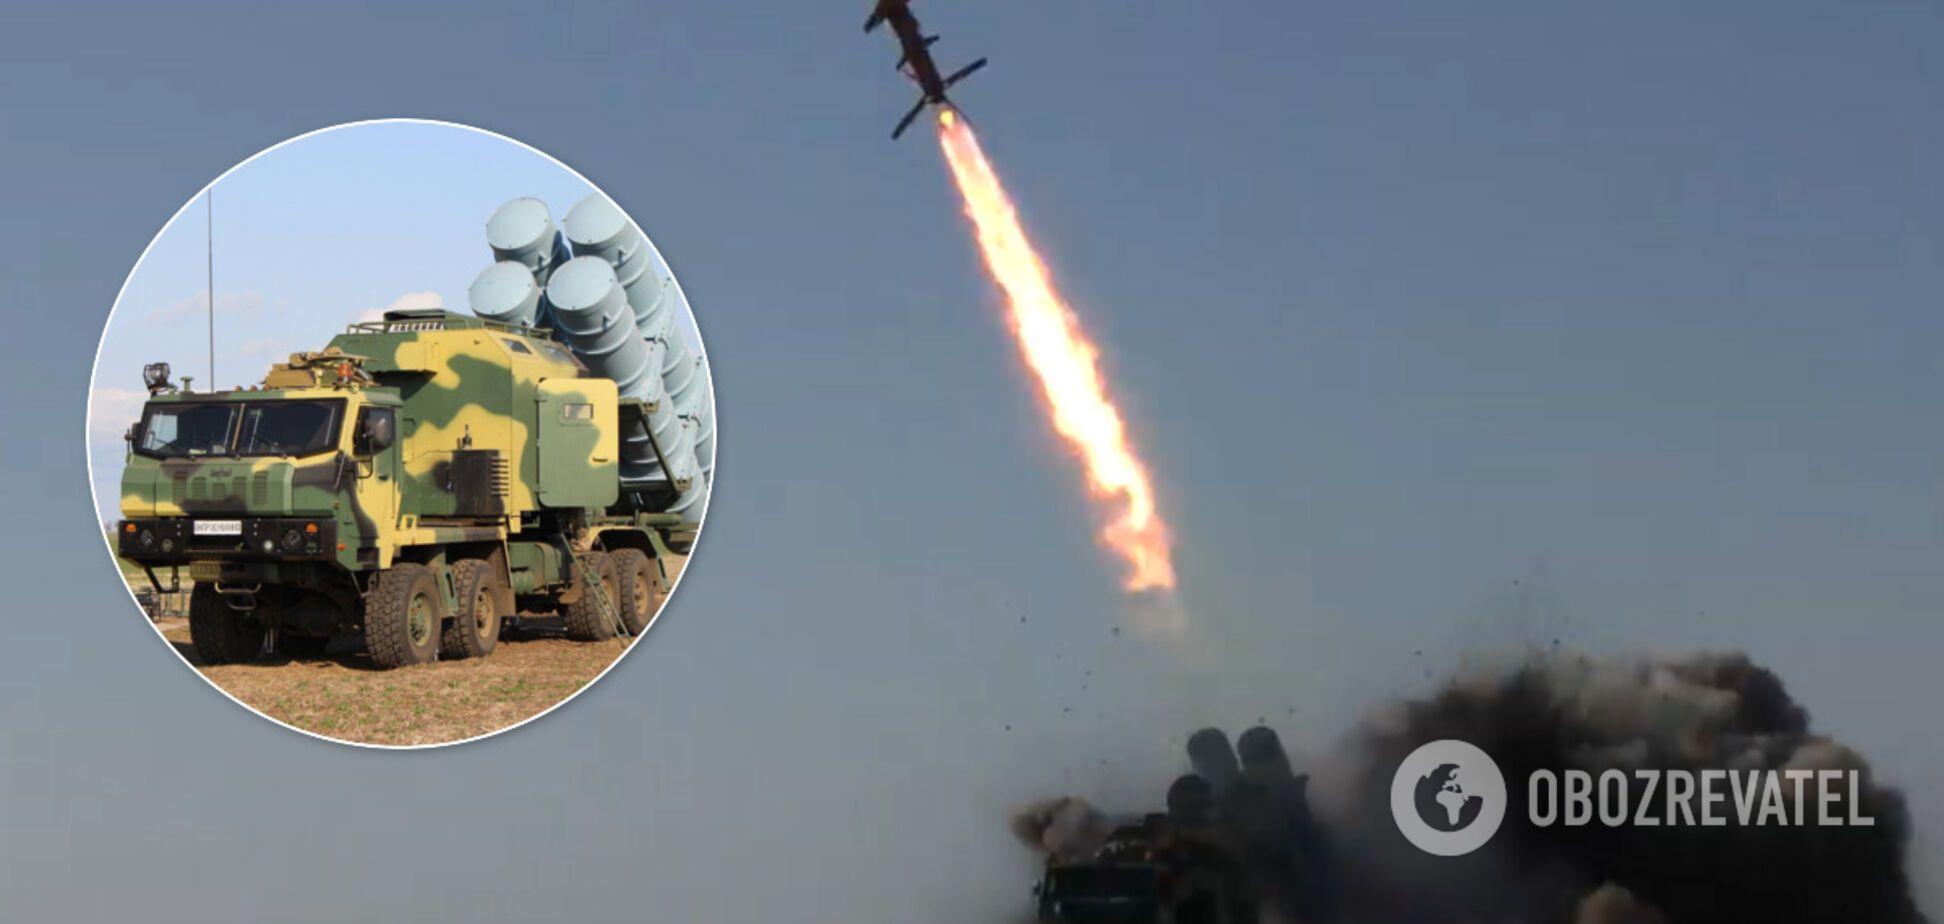 В Украине испытали мощнейший ракетный комплекс для ВСУ. Впечатляющее видео